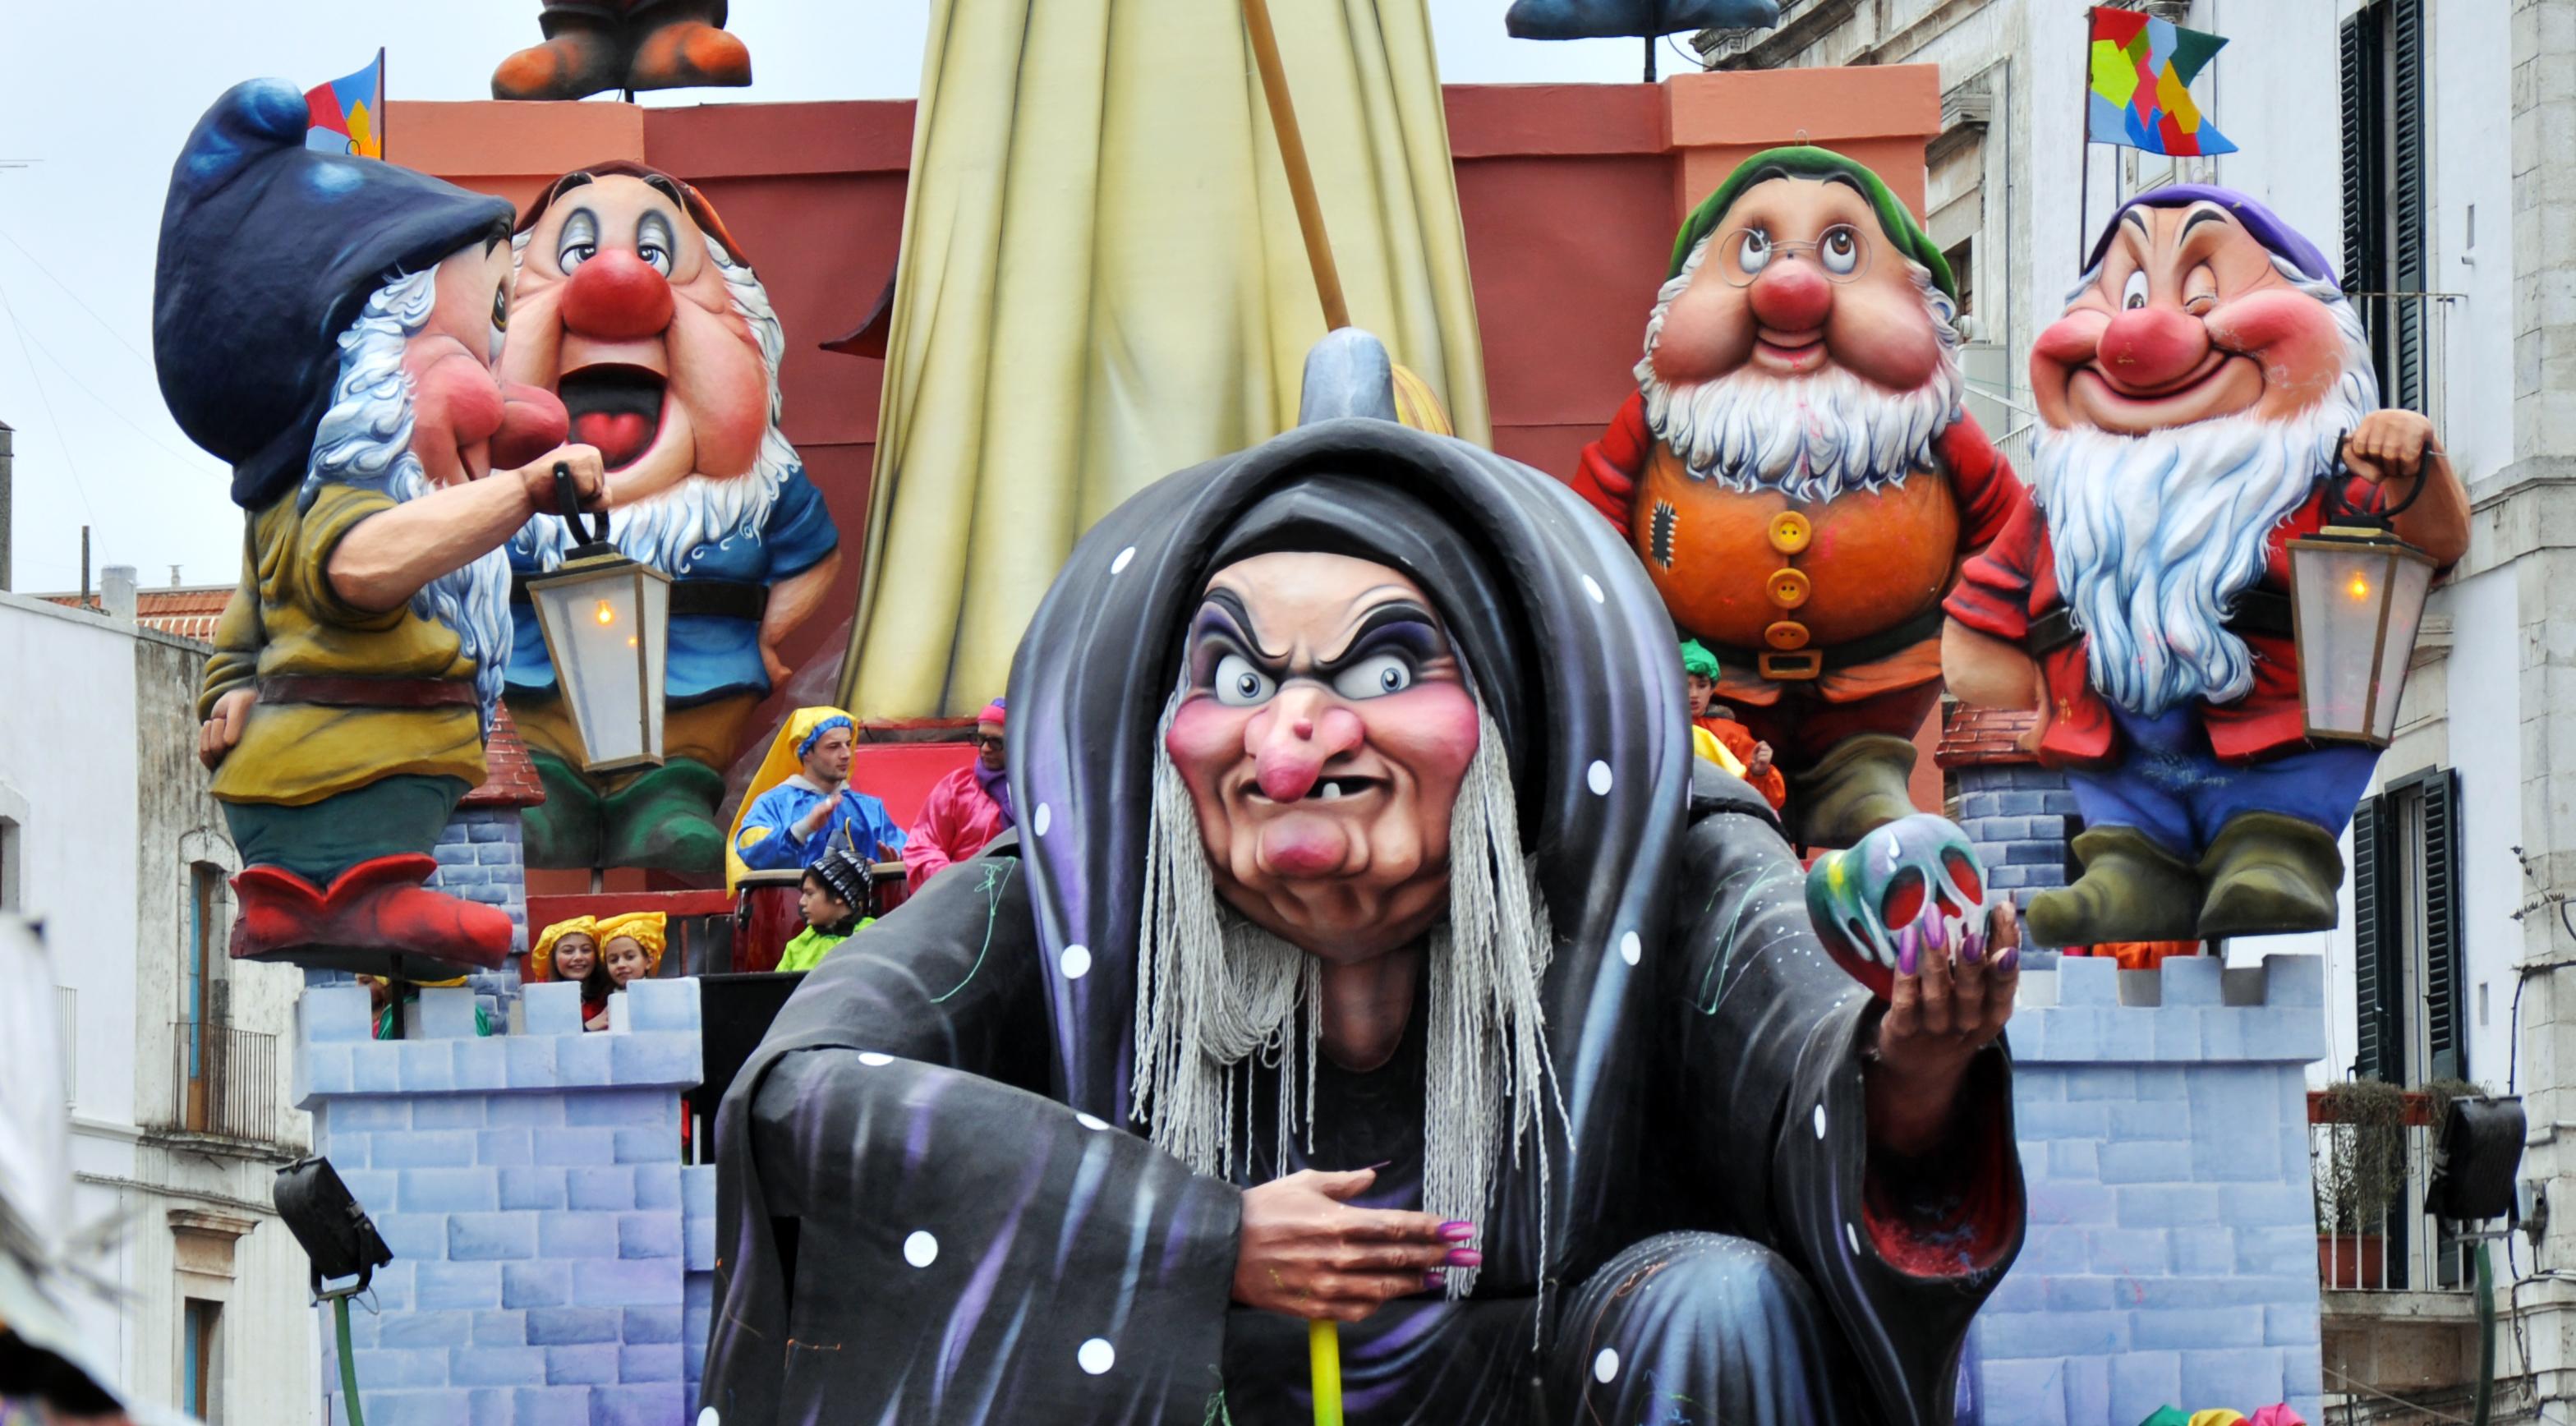 Carnevali d 39 italia 2020 ecco gli eventi pi belli for Case in affitto arredate putignano